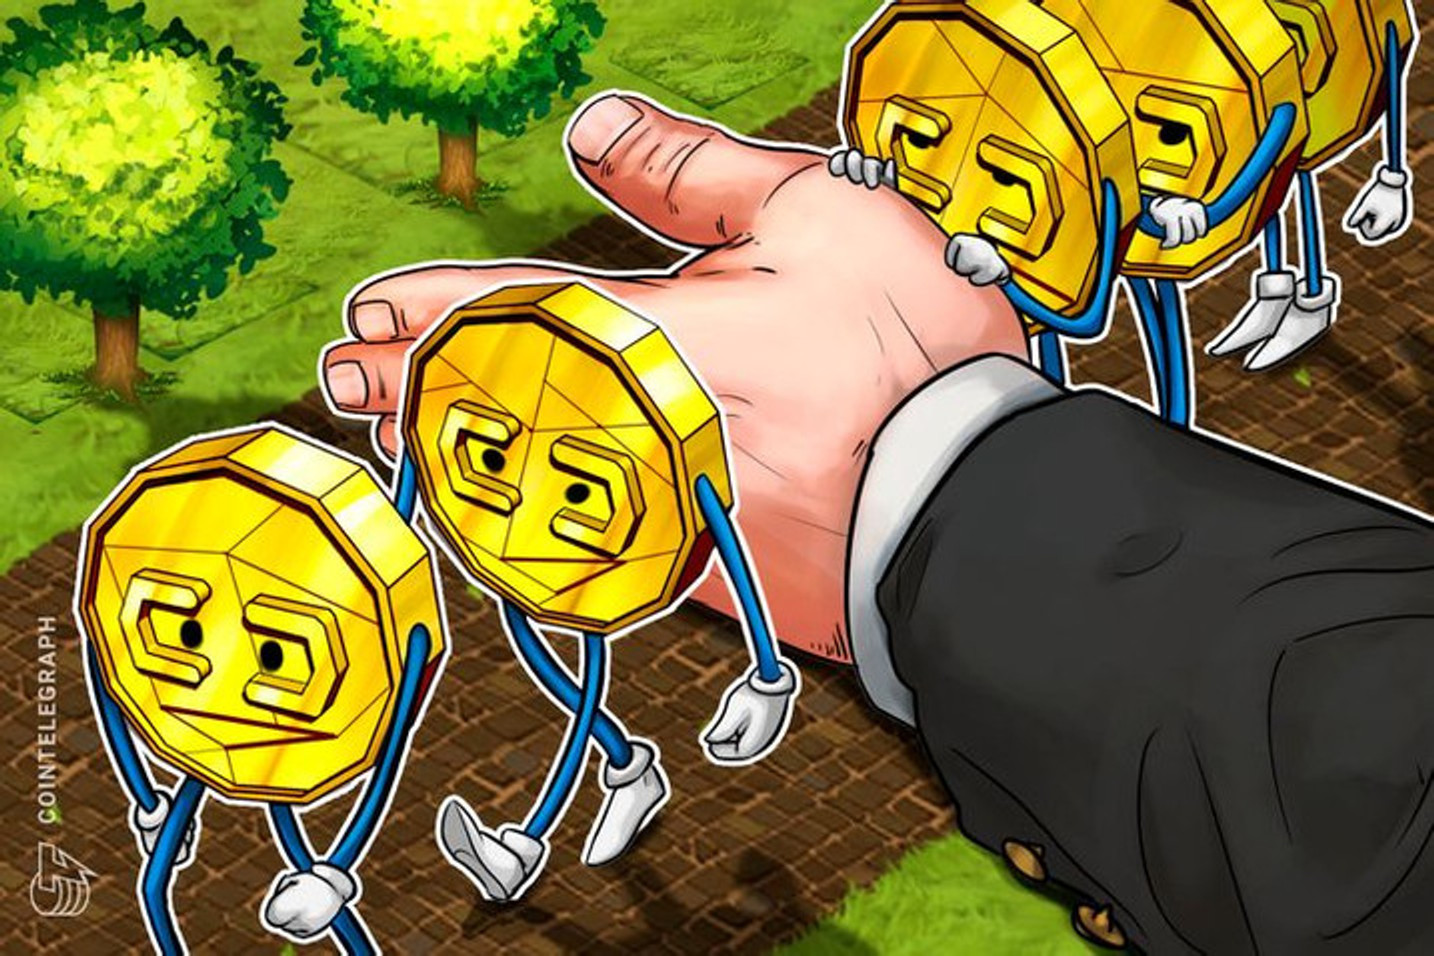 Conselho Nacional de Justiça quer bloquear Bitcoin em exchanges assim como faz com dinheiro em contas bancárias